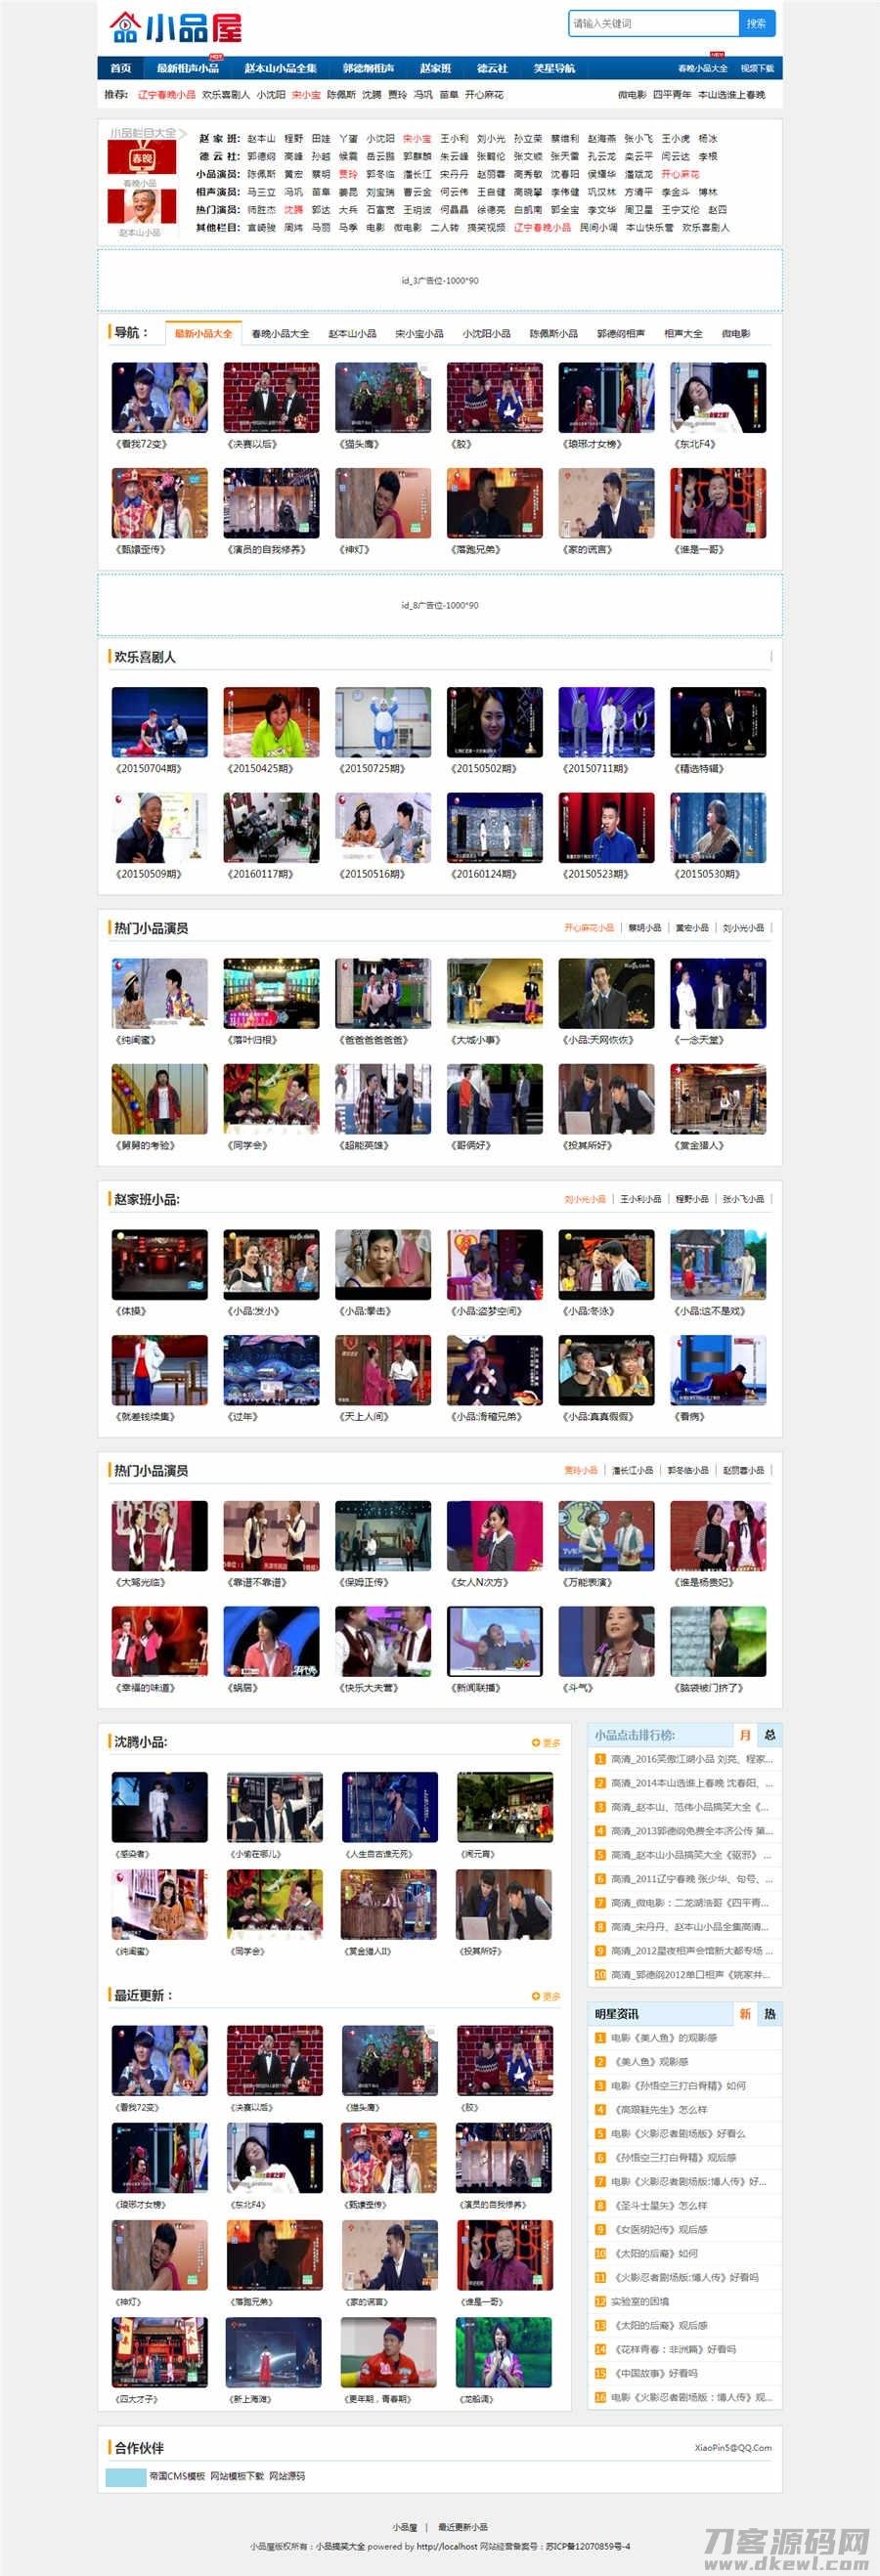 帝国CMS7.5小品屋线上小品相声视頻网站模版修补版插图